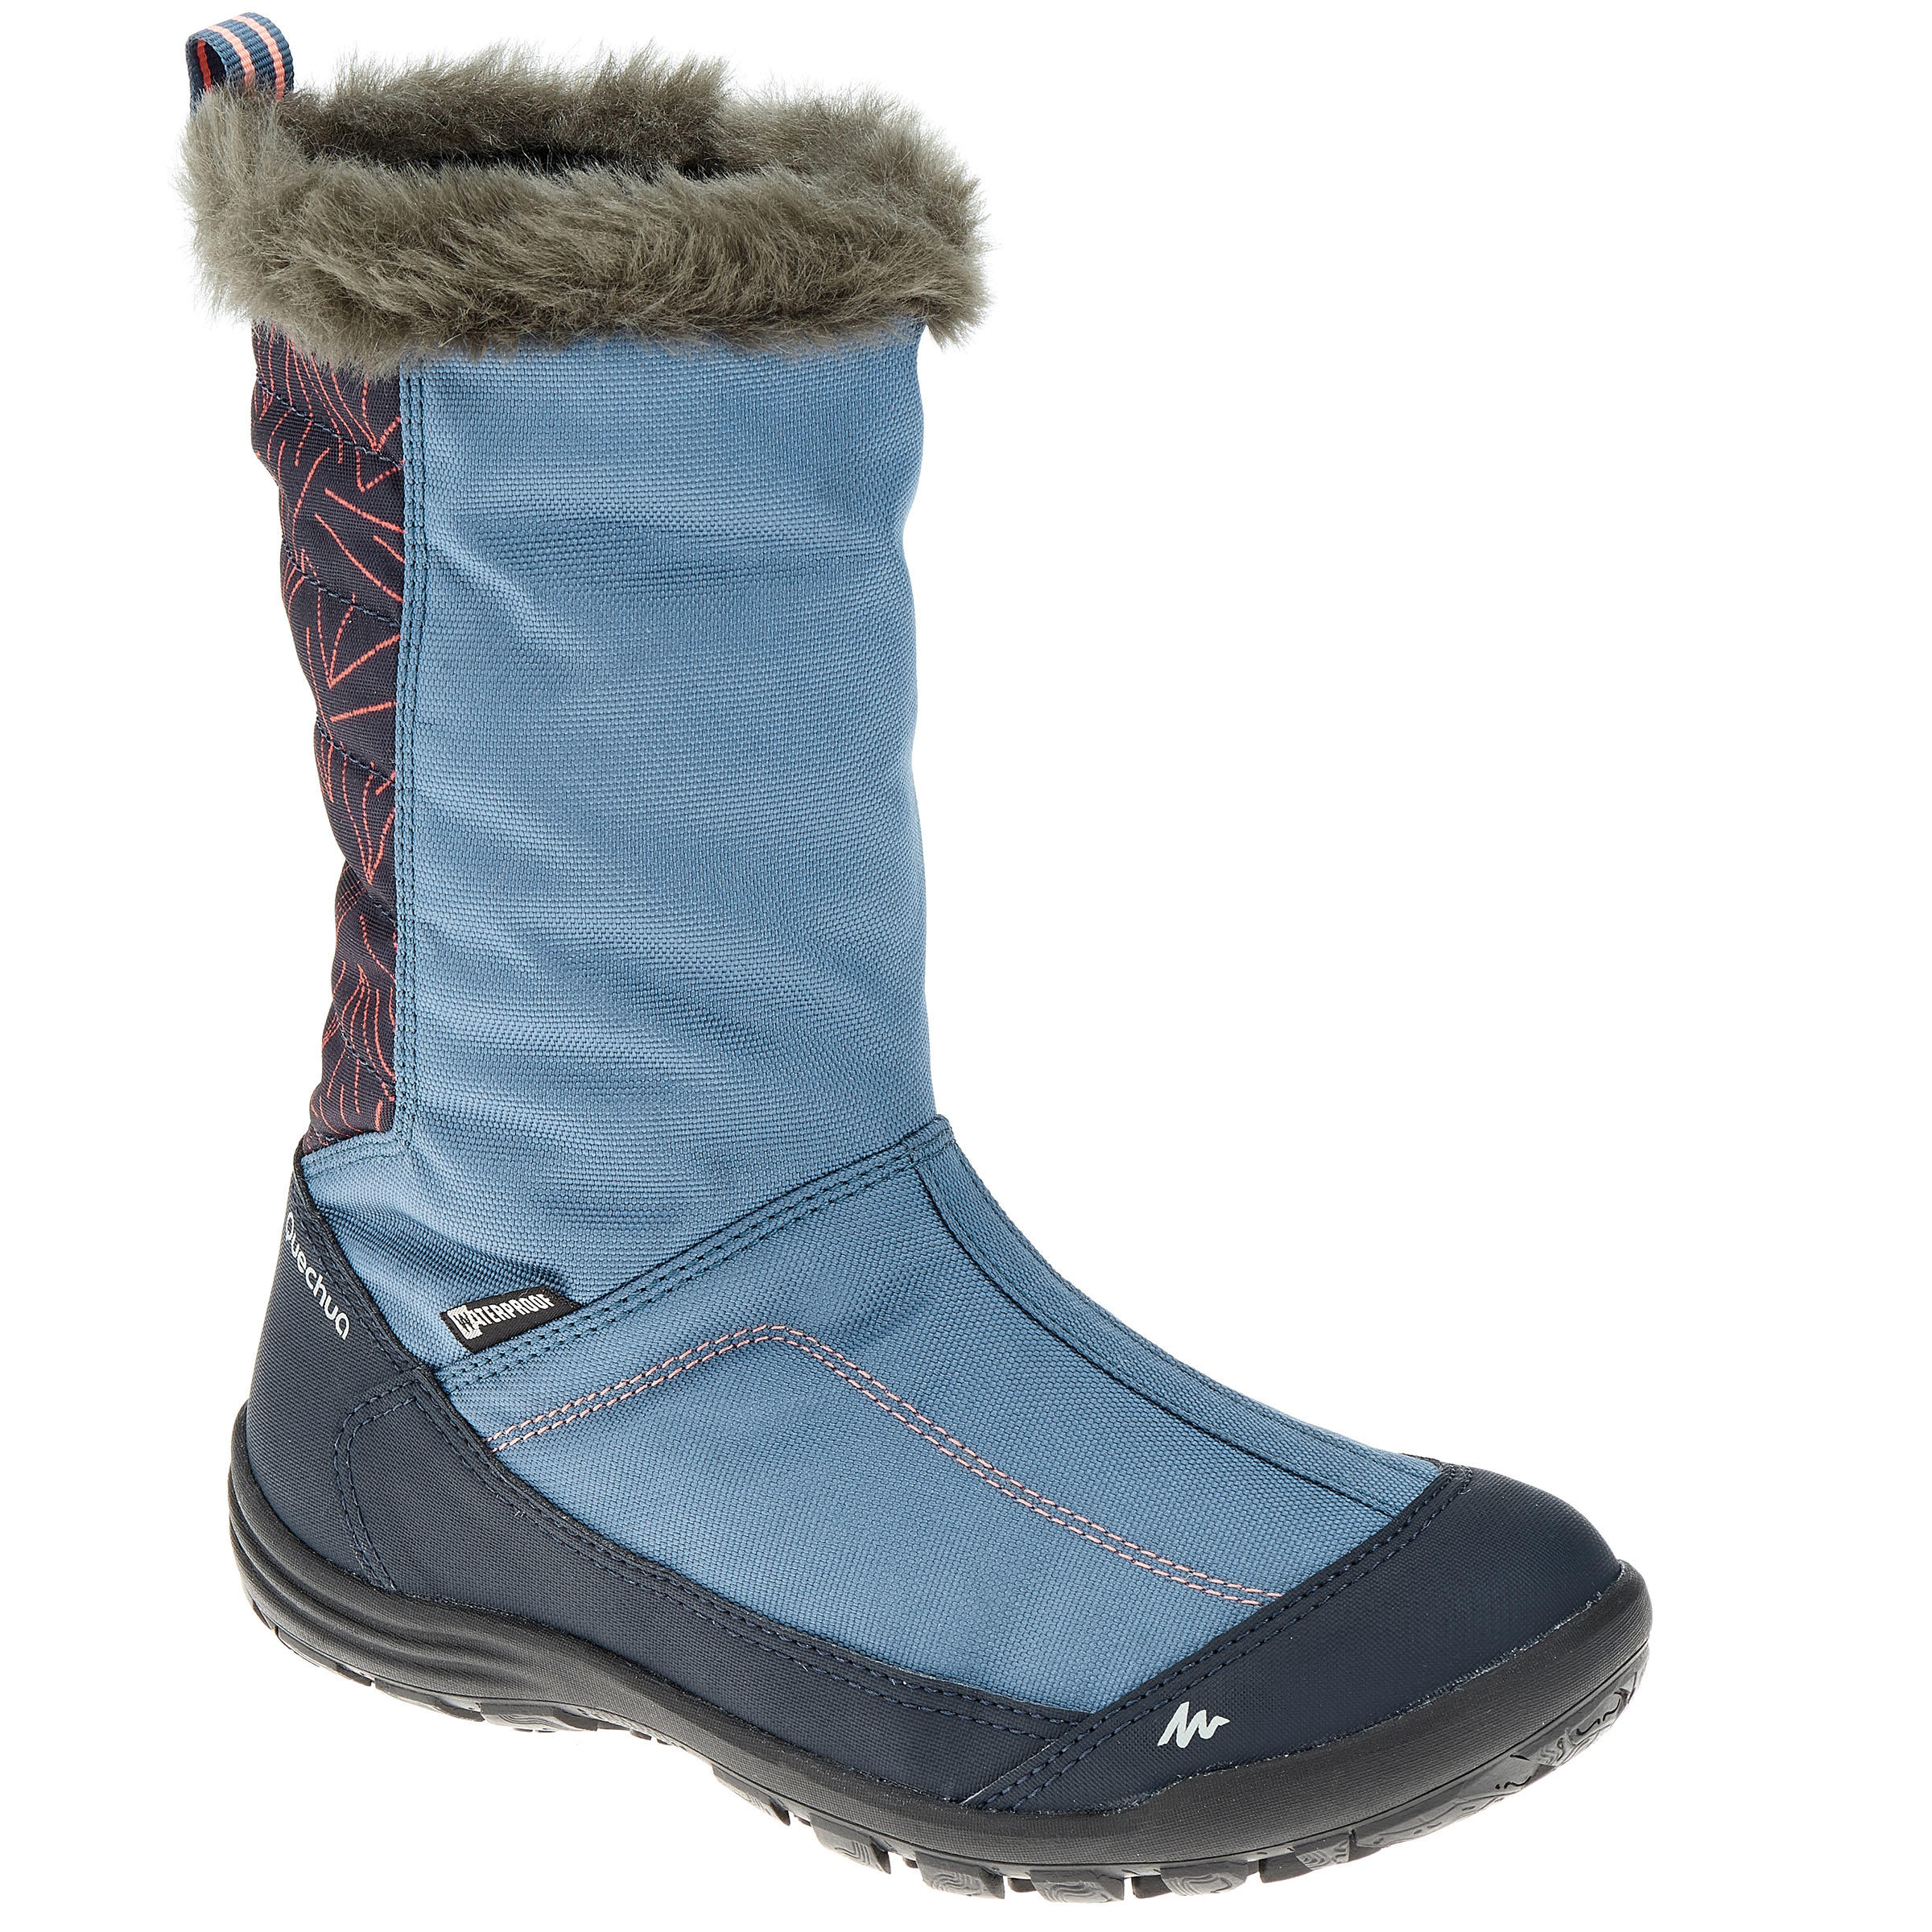 Quechua Wandellaarzen voor de sneeuw kinderen SH900 warm waterdicht thumbnail